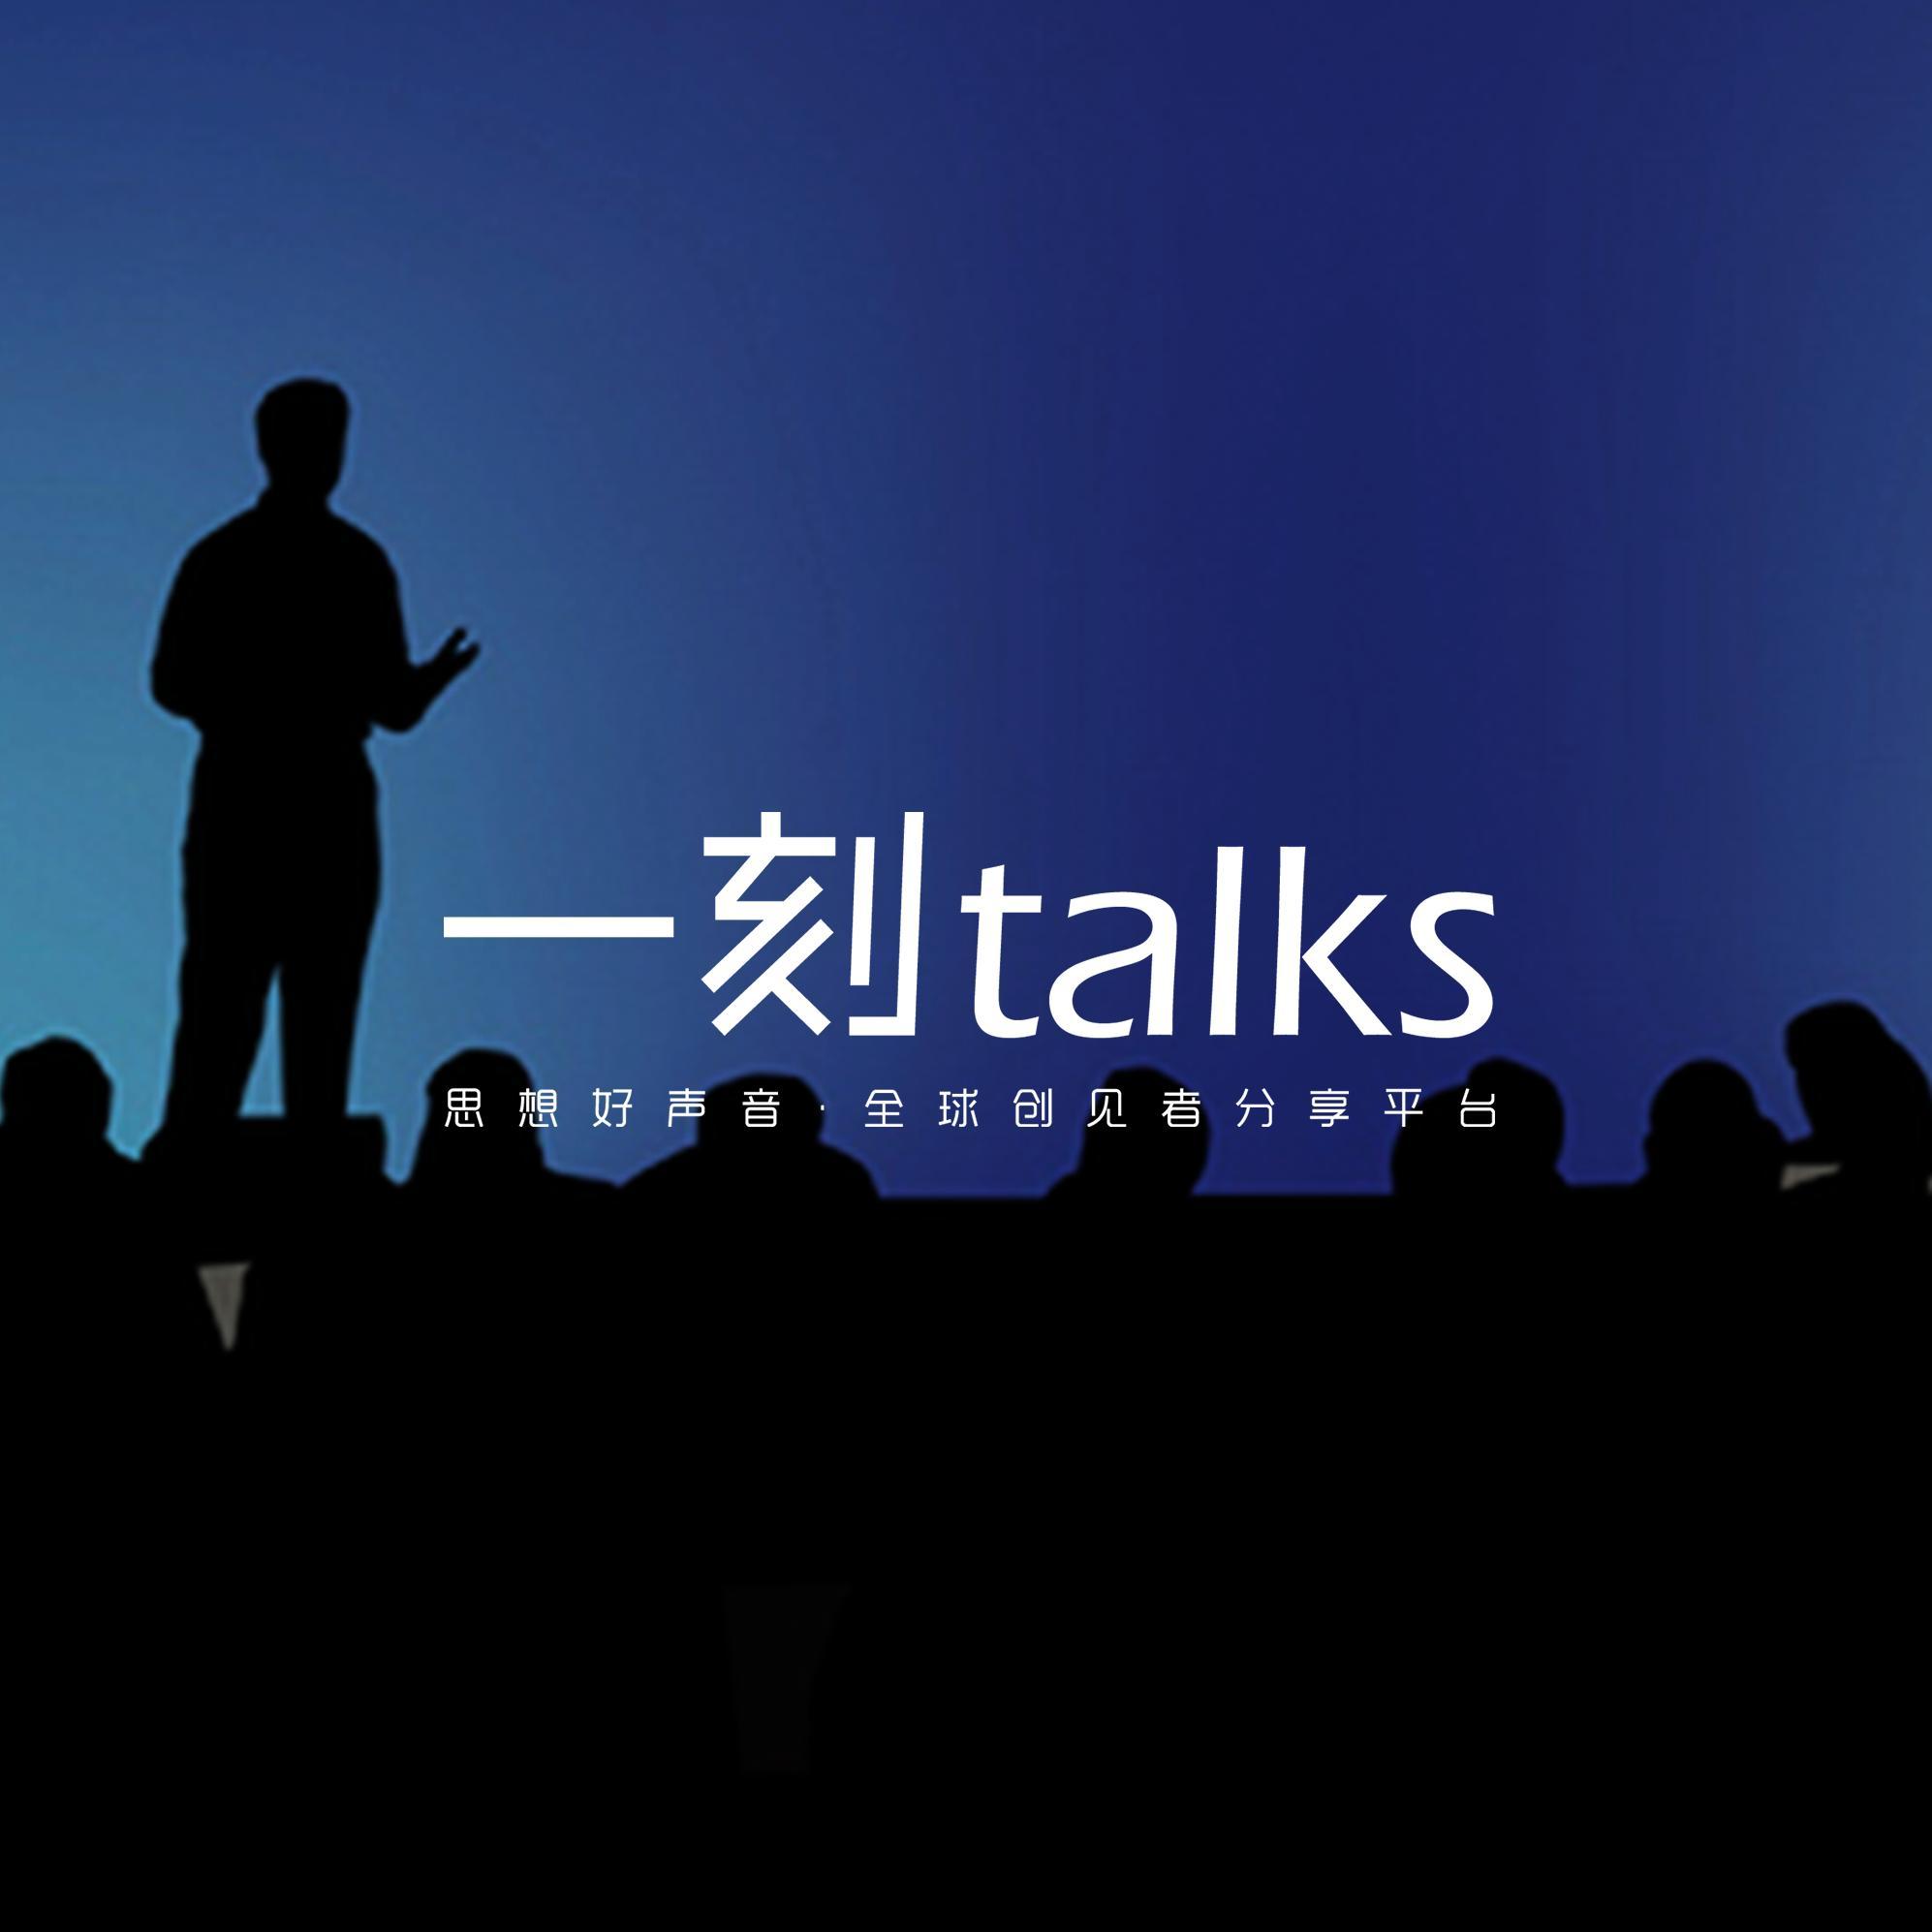 <![CDATA[一刻talks]]>